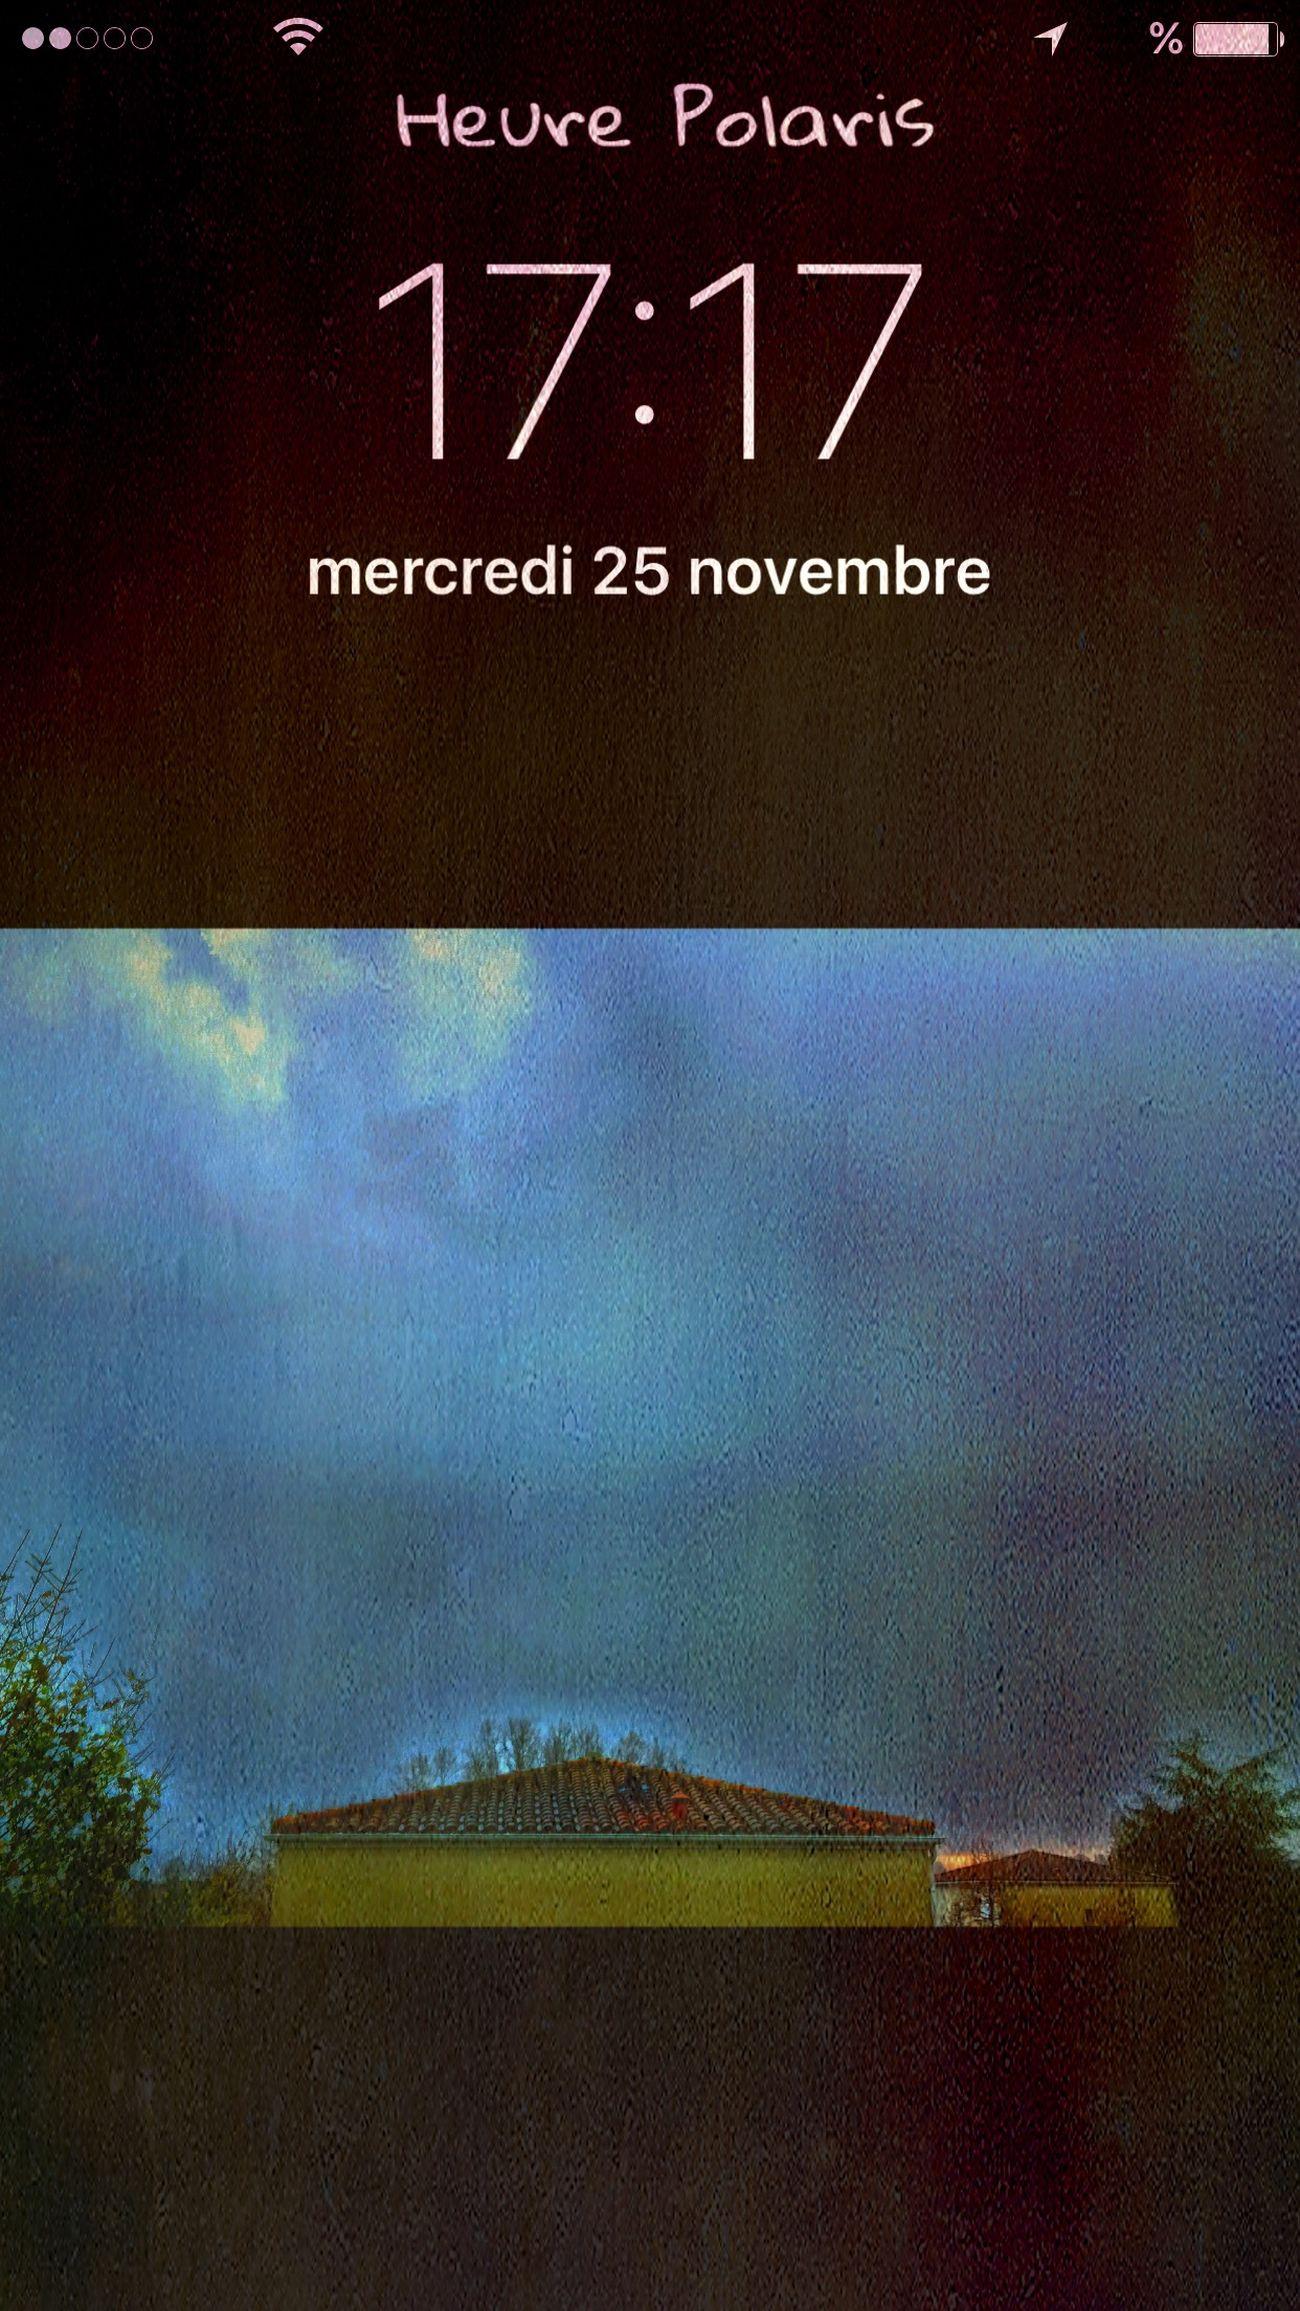 17H17 😳🙄une petite apparition avant de retourner au lit 😨😱 HEURE POLARIS Hour Heure Time CIELFIE Clouds Nuages Automne Autumn Automne Hivernal Skyfie Derrière Ma Fenêtre Behindmywindow